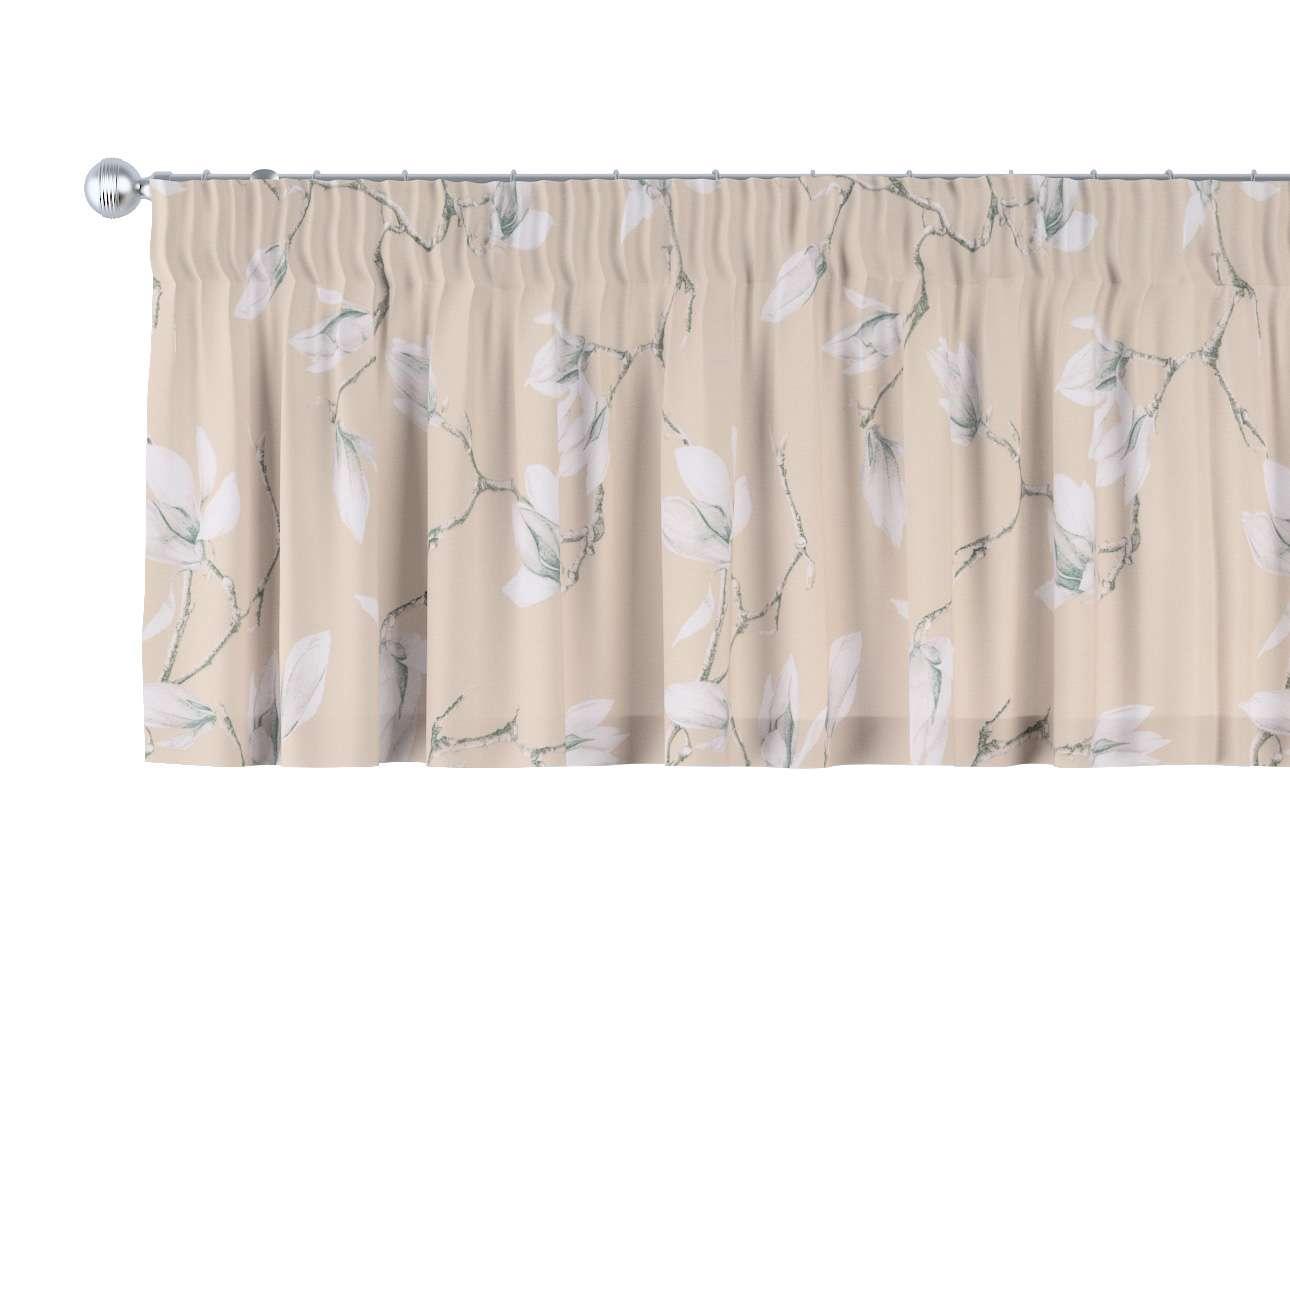 Lambrekin na taśmie marszczącej 130 x 40 cm w kolekcji Flowers, tkanina: 311-12